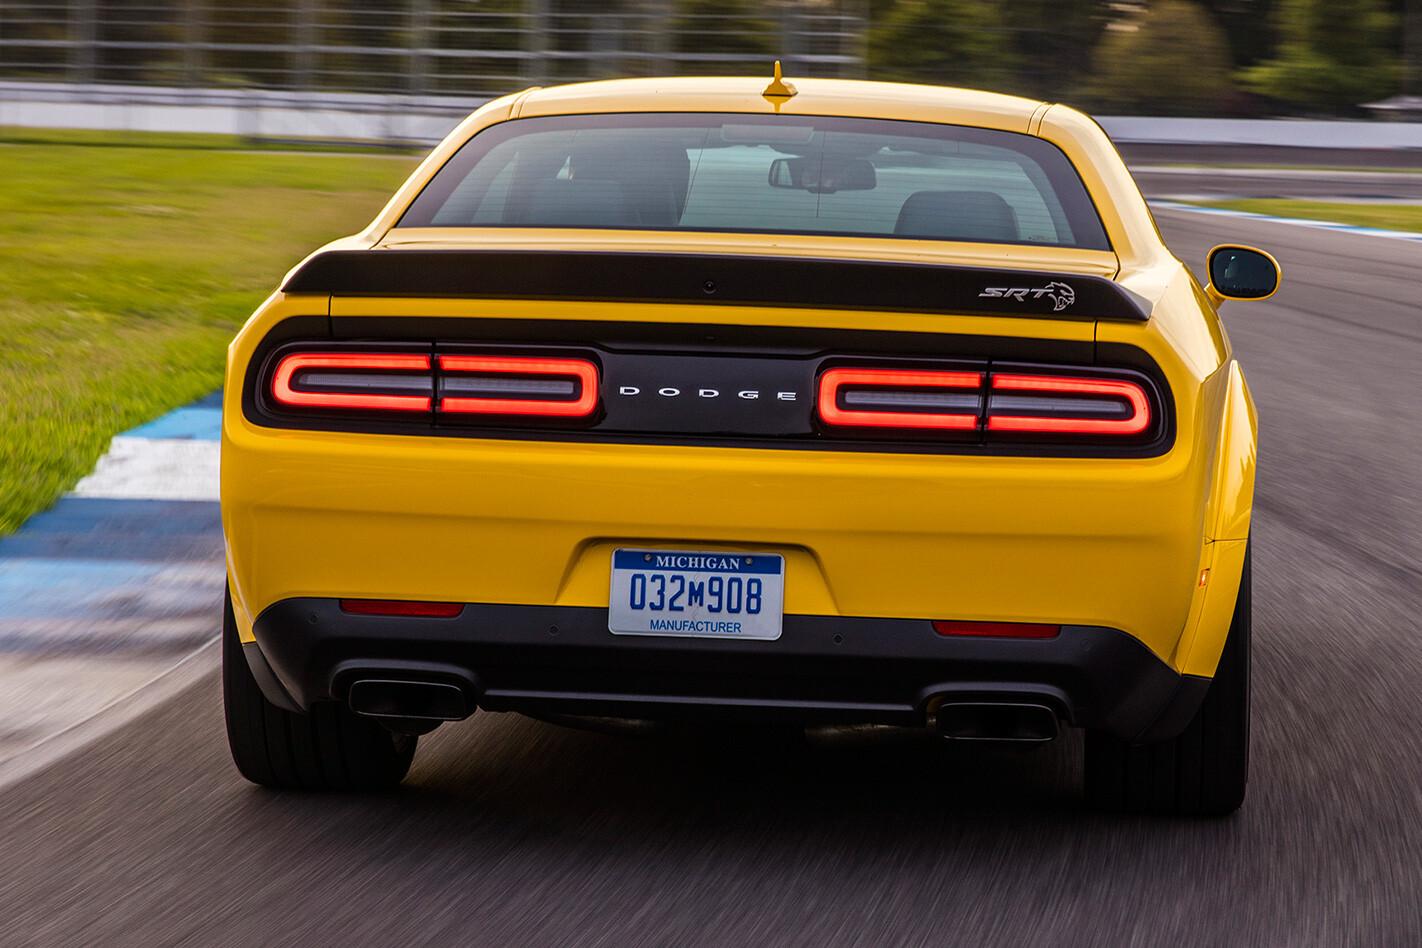 2018 Dodge Challenger Hellcat Widebody rear